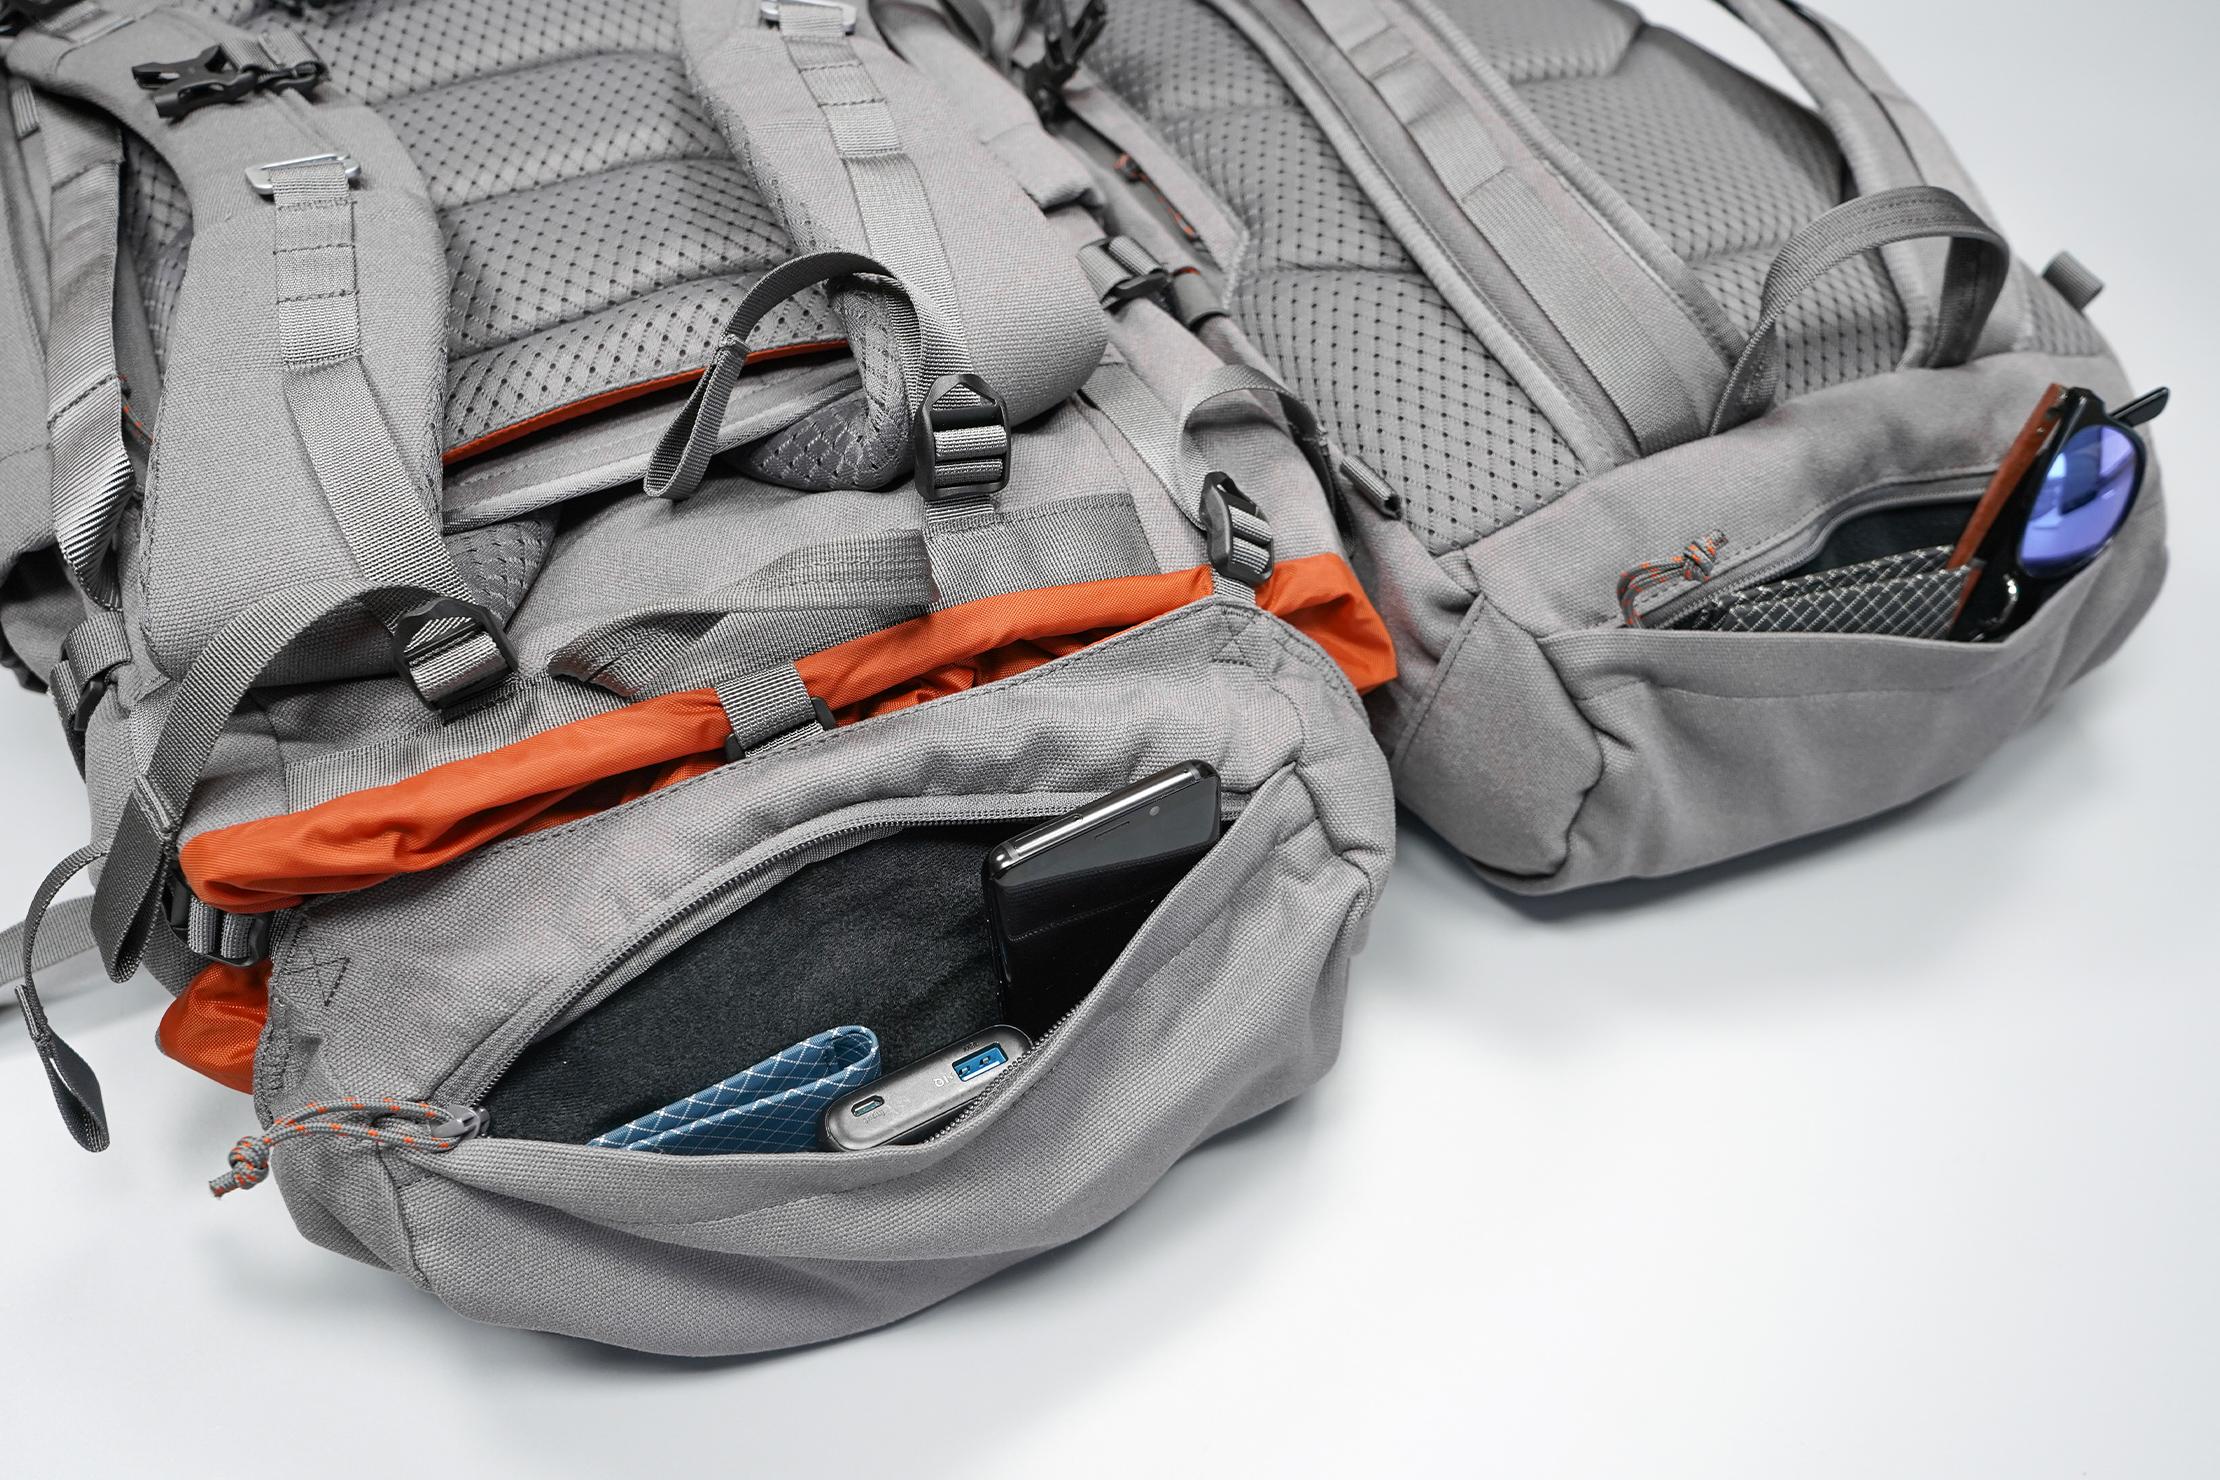 Salkan Backpacker | Left: Mainpack's top pocket | Right: Daypack's top pocket